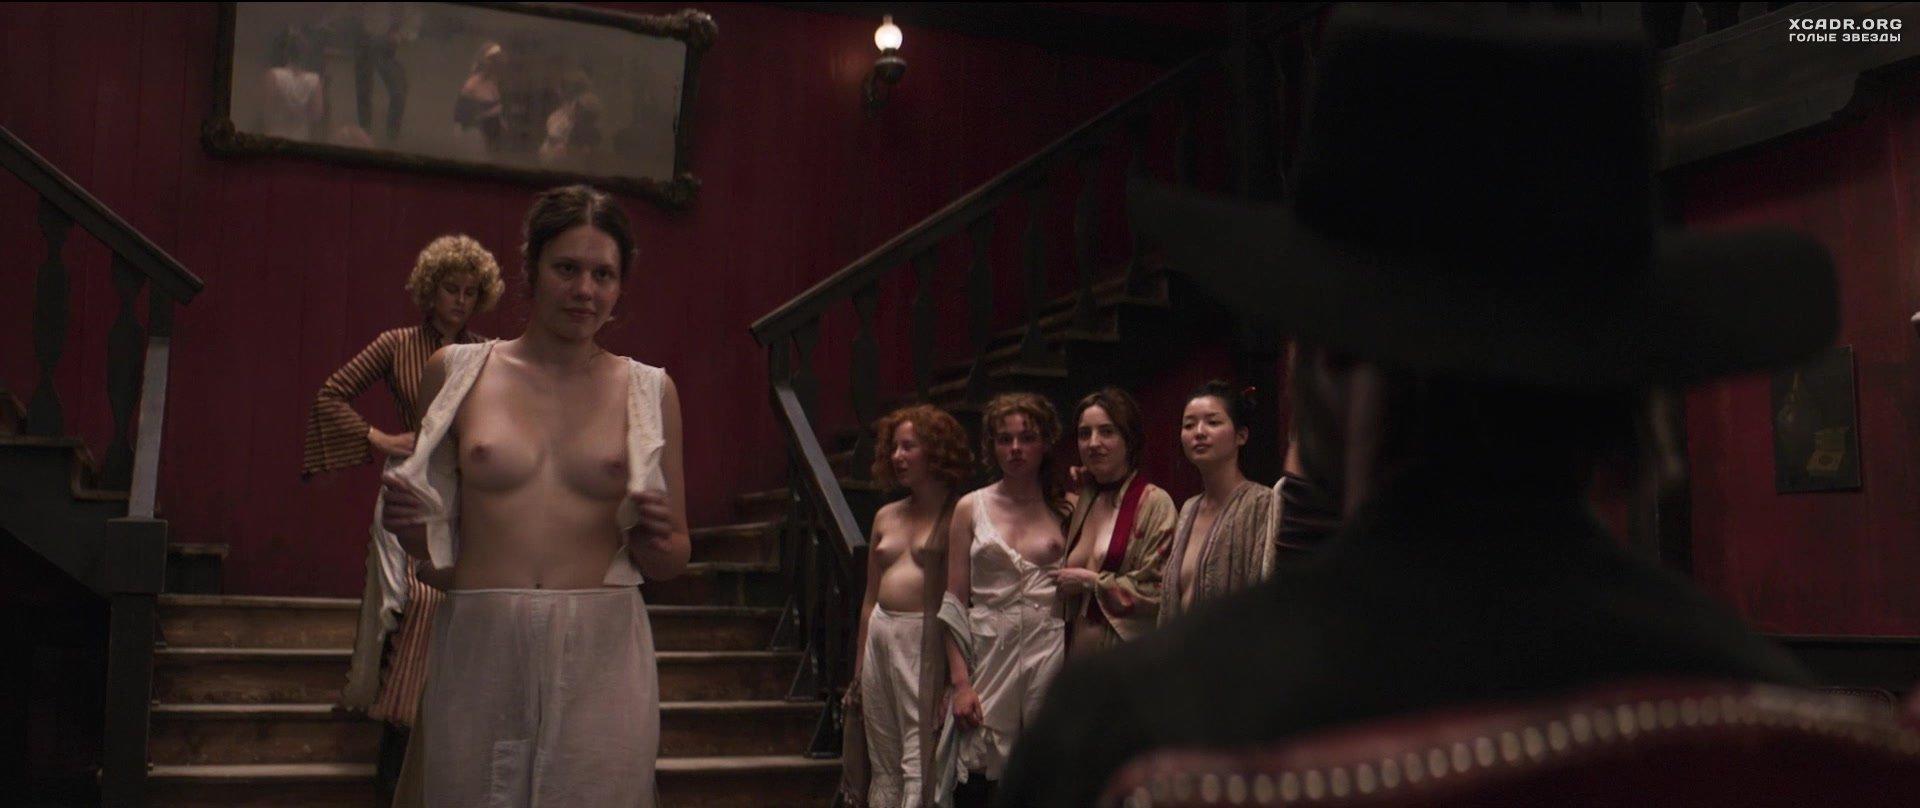 Тетю показать худ фильм королевская шлюха фото сары